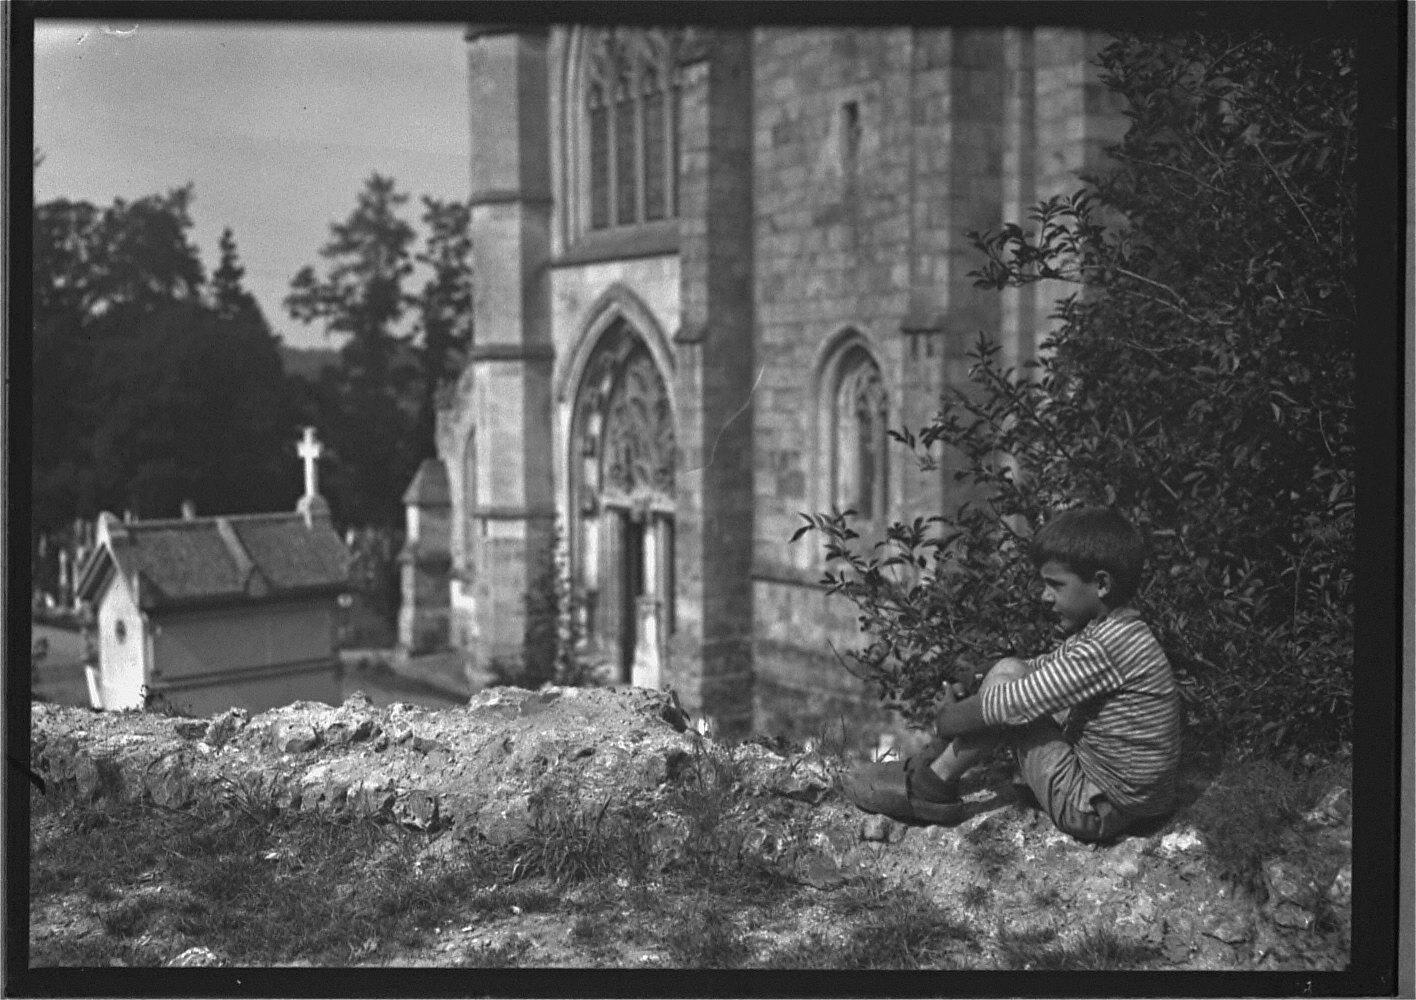 Notre Dame de la Coutere Meditations Fronas On Sabots(sic)